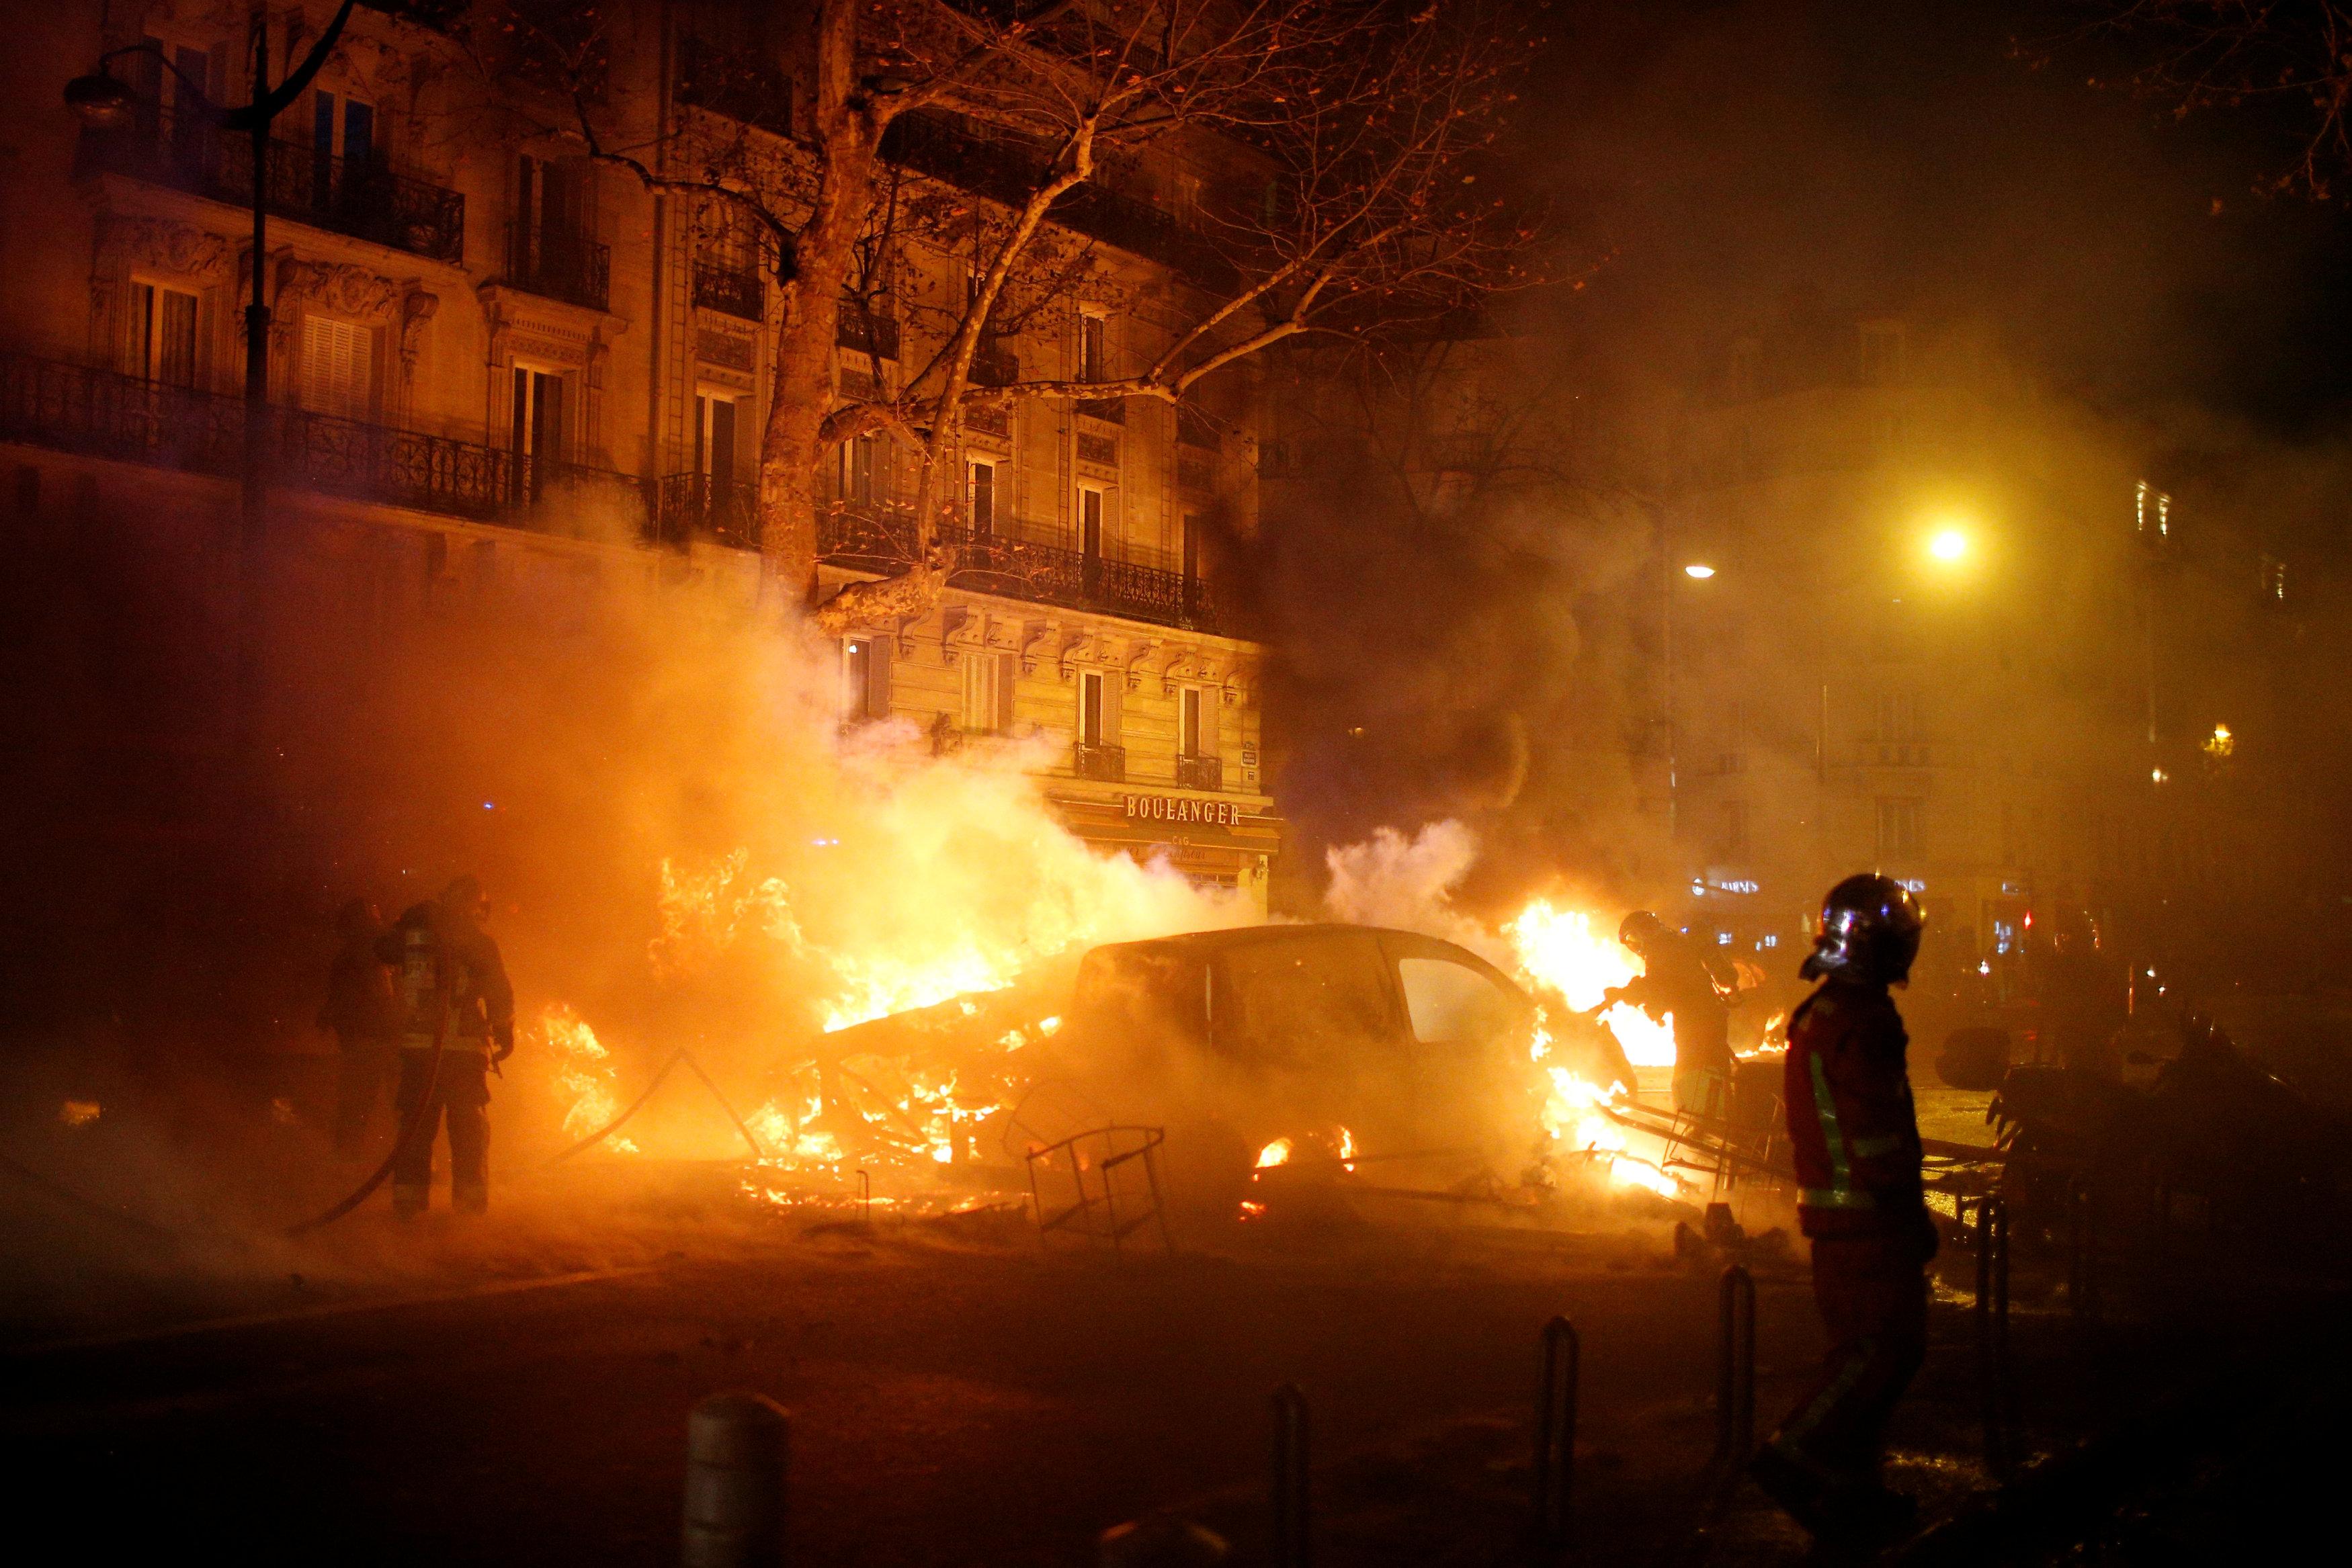 إحراق السيارات والعنف أهم ما يميز الحراك الفرنسى